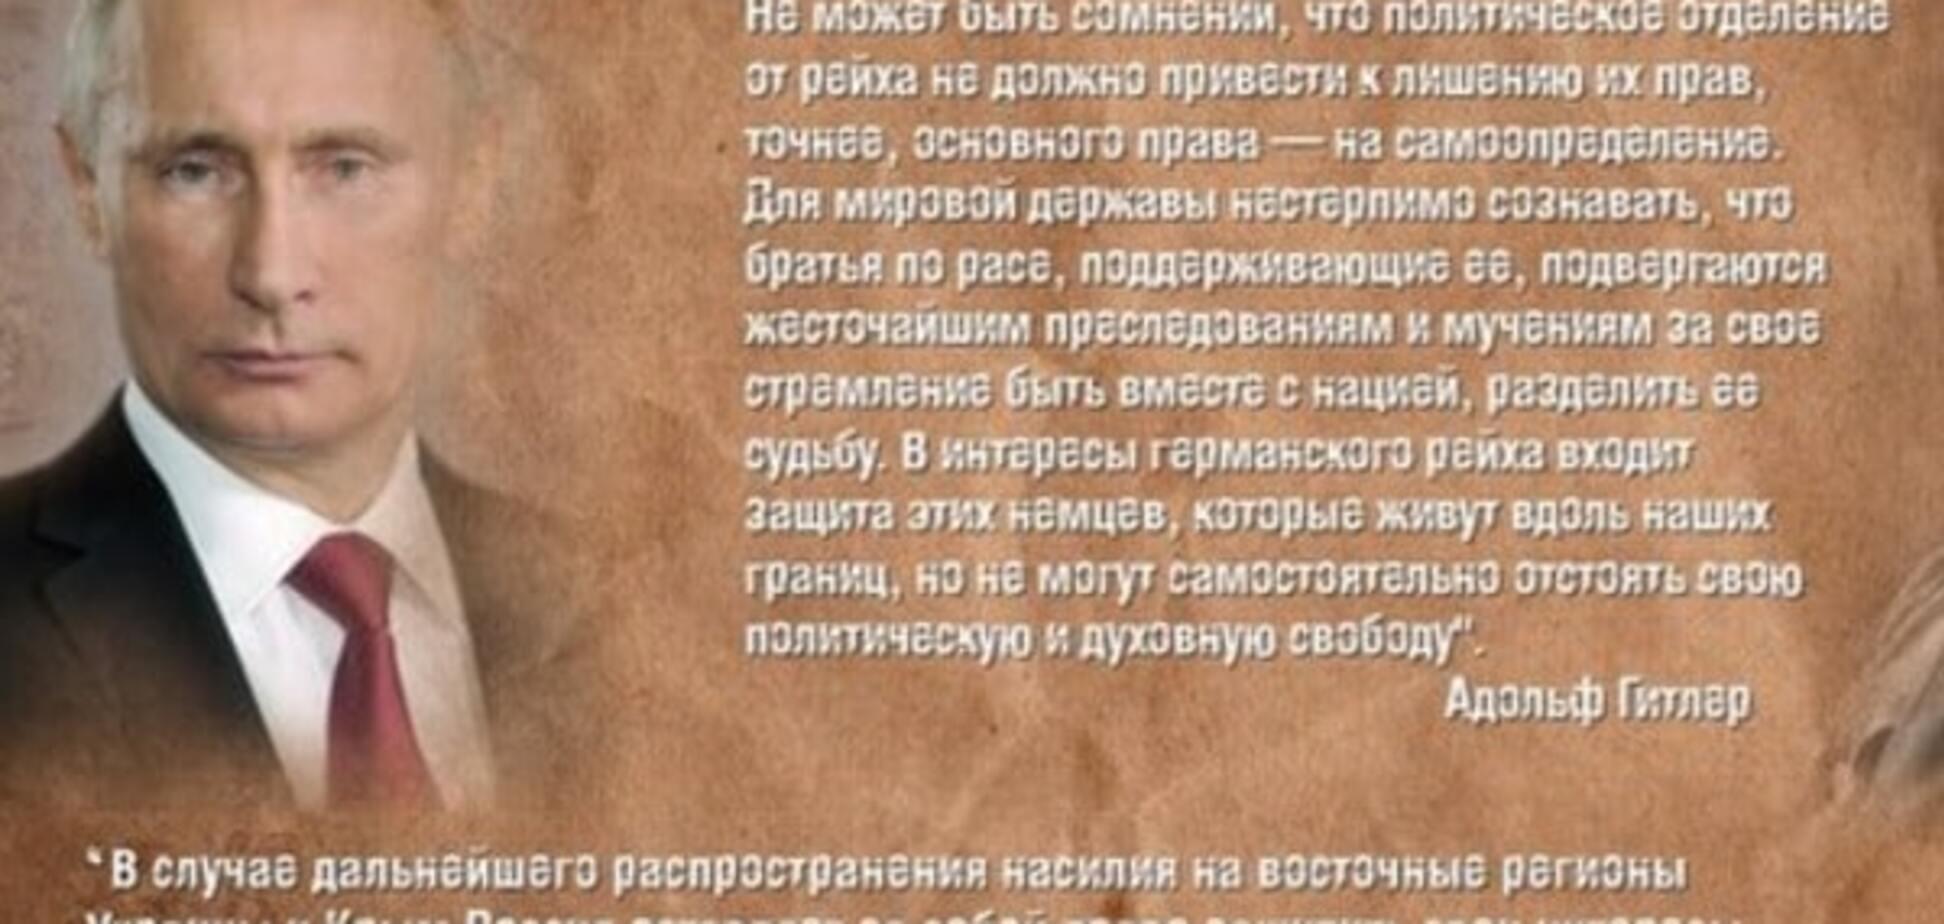 путин гитлер